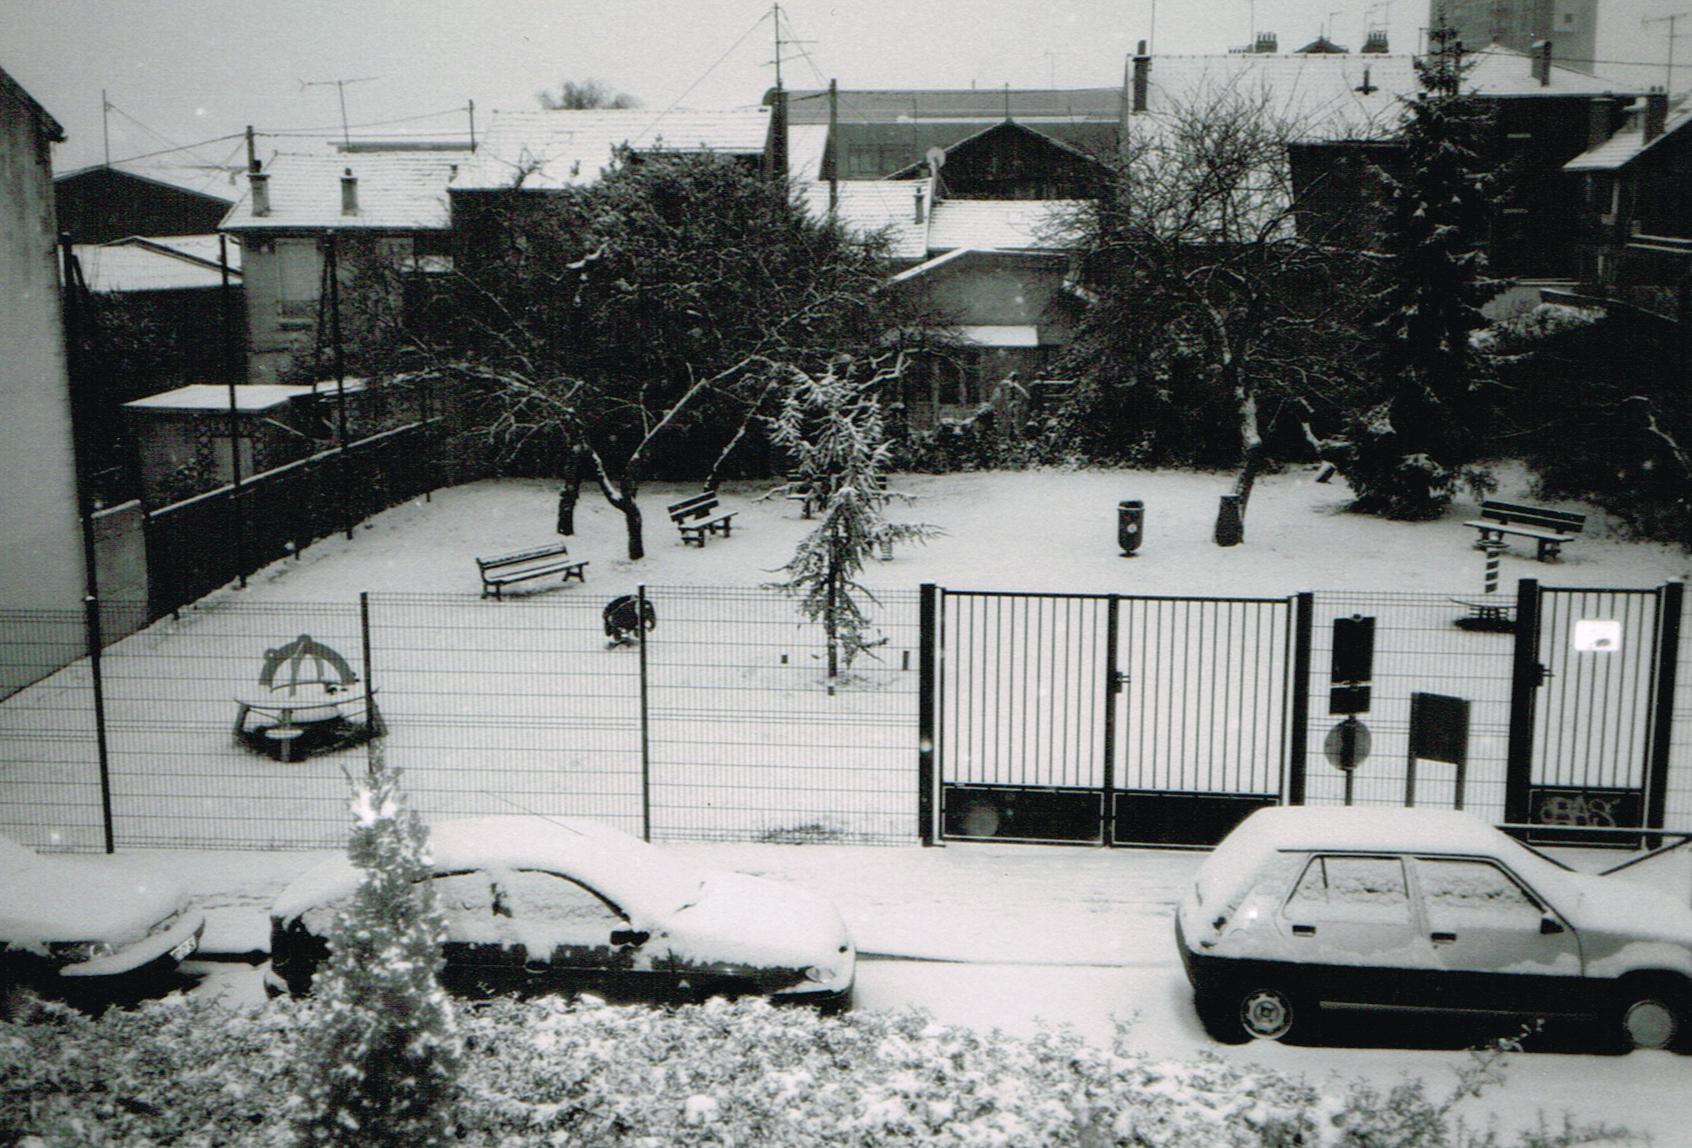 Hiver 2004